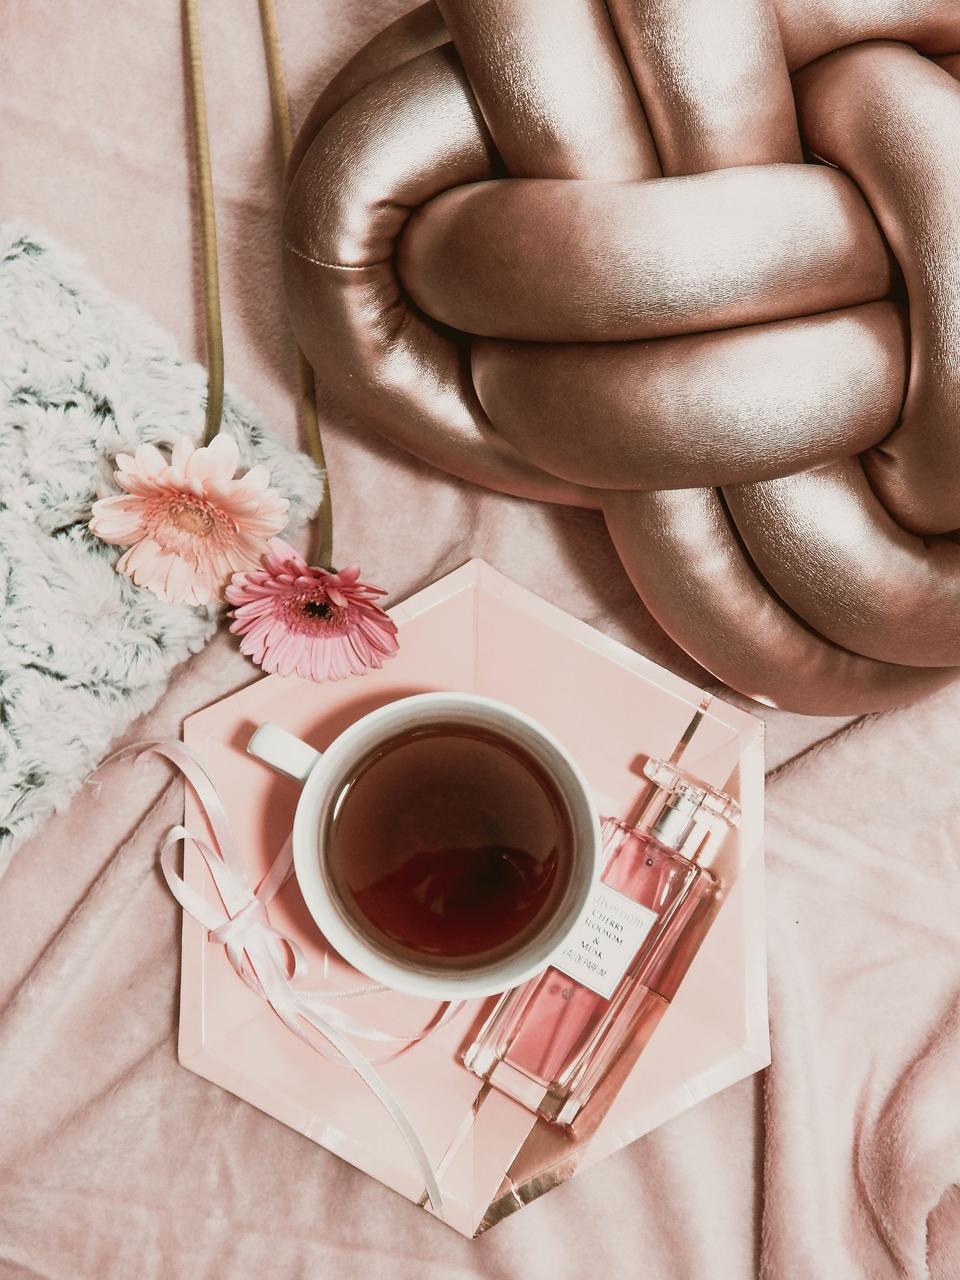 8 plecione poduszki hit 2018 wnętrzarski dodatki trendy wnętrza jesień zima wiosna lato w co warto zainwestować ciekawe dodatki do mieszkań do salonu sypialni wnętrza